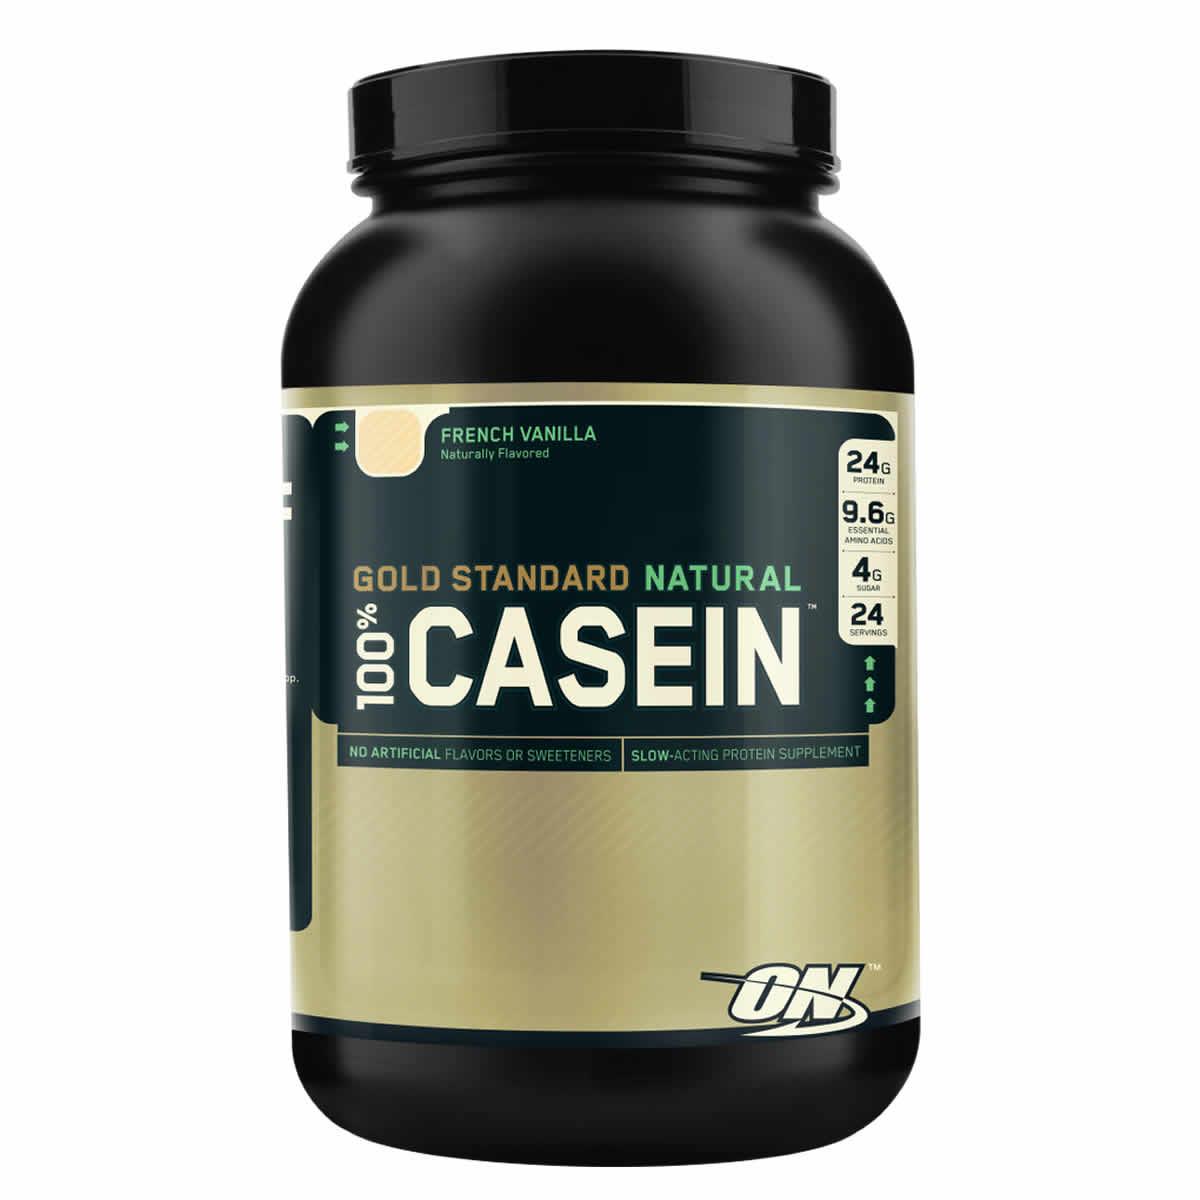 Natural casein protein powder